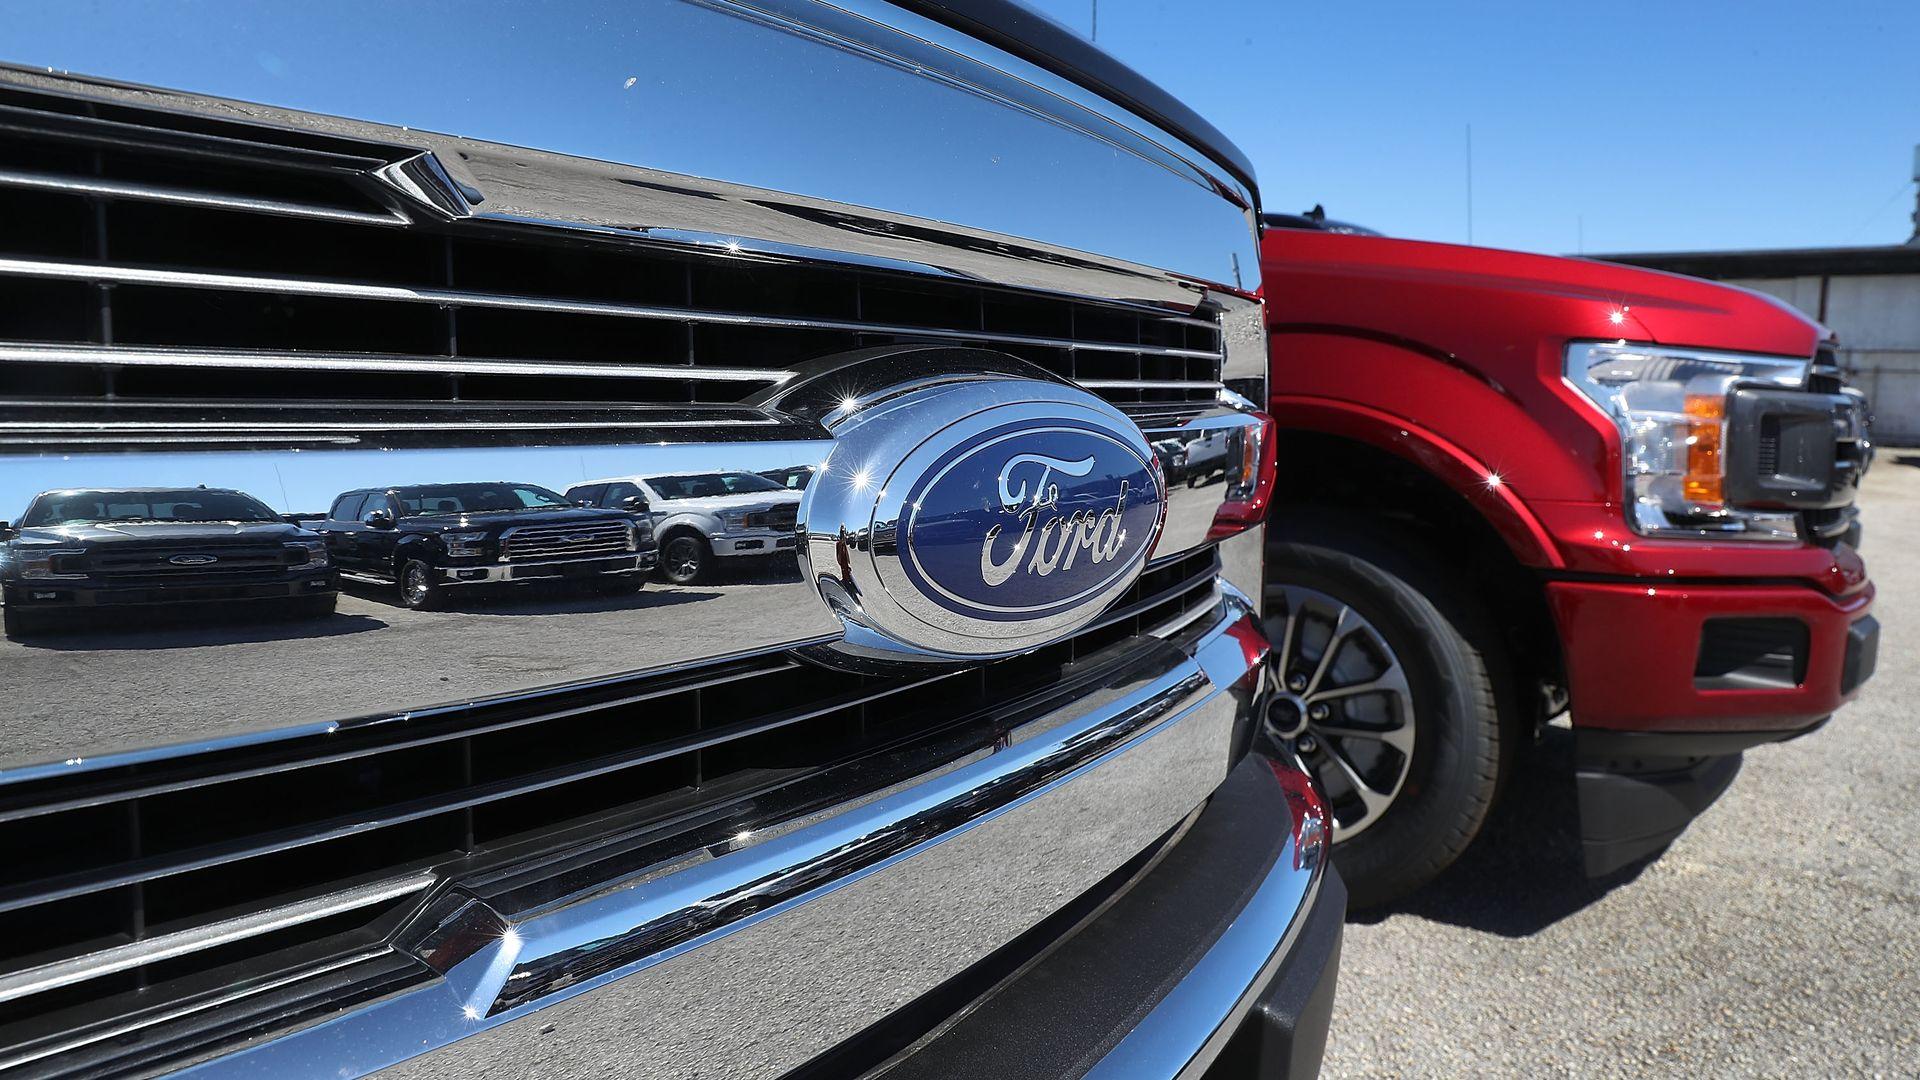 Ford trucks.